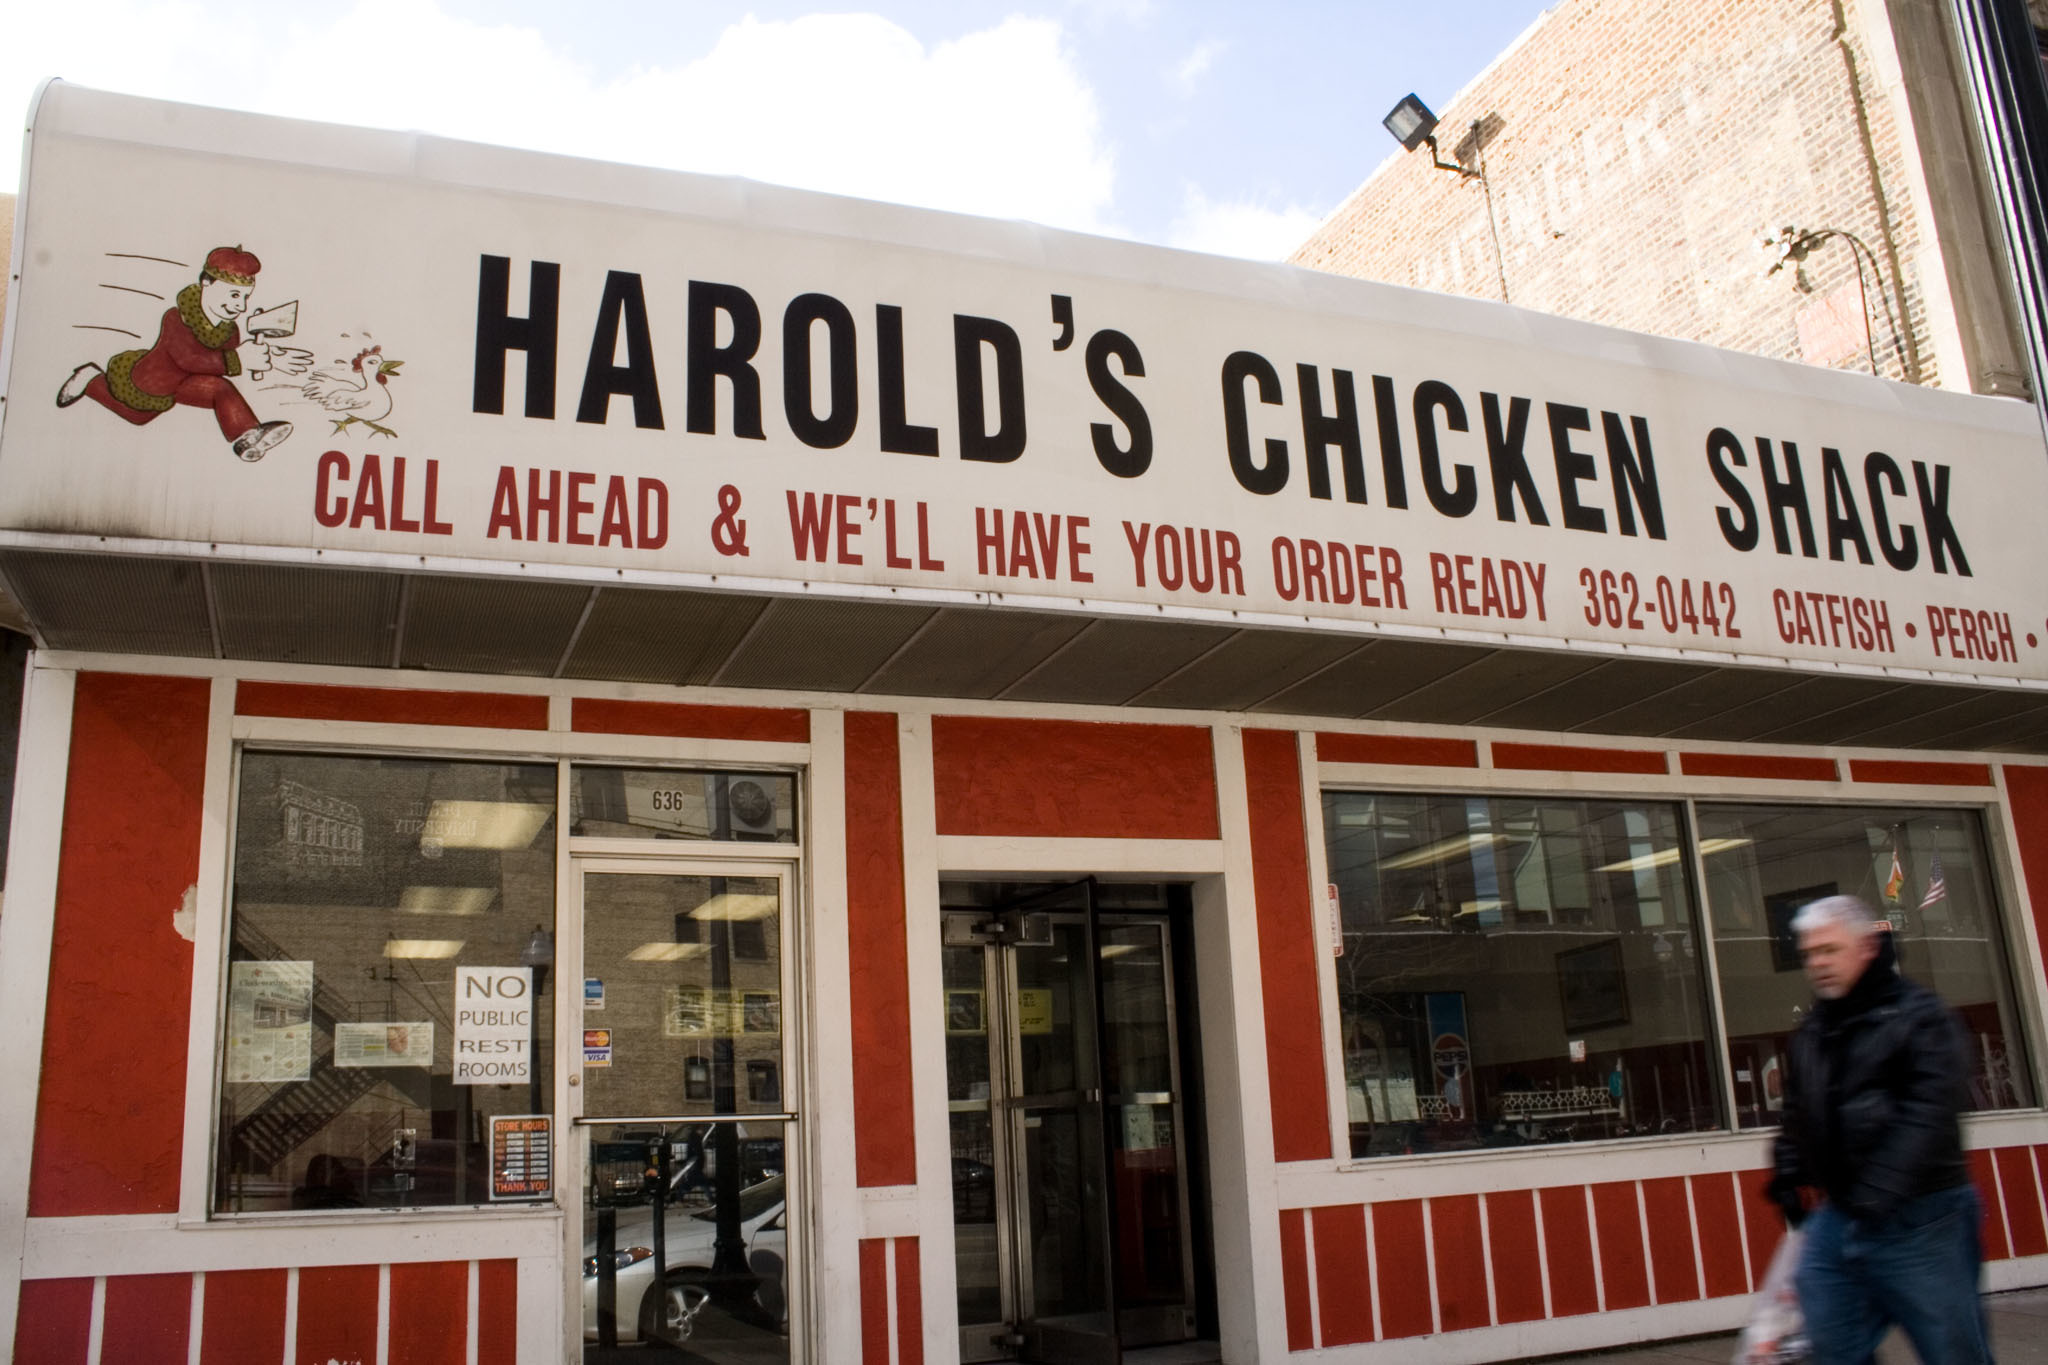 Harold's Chicken Shack #24